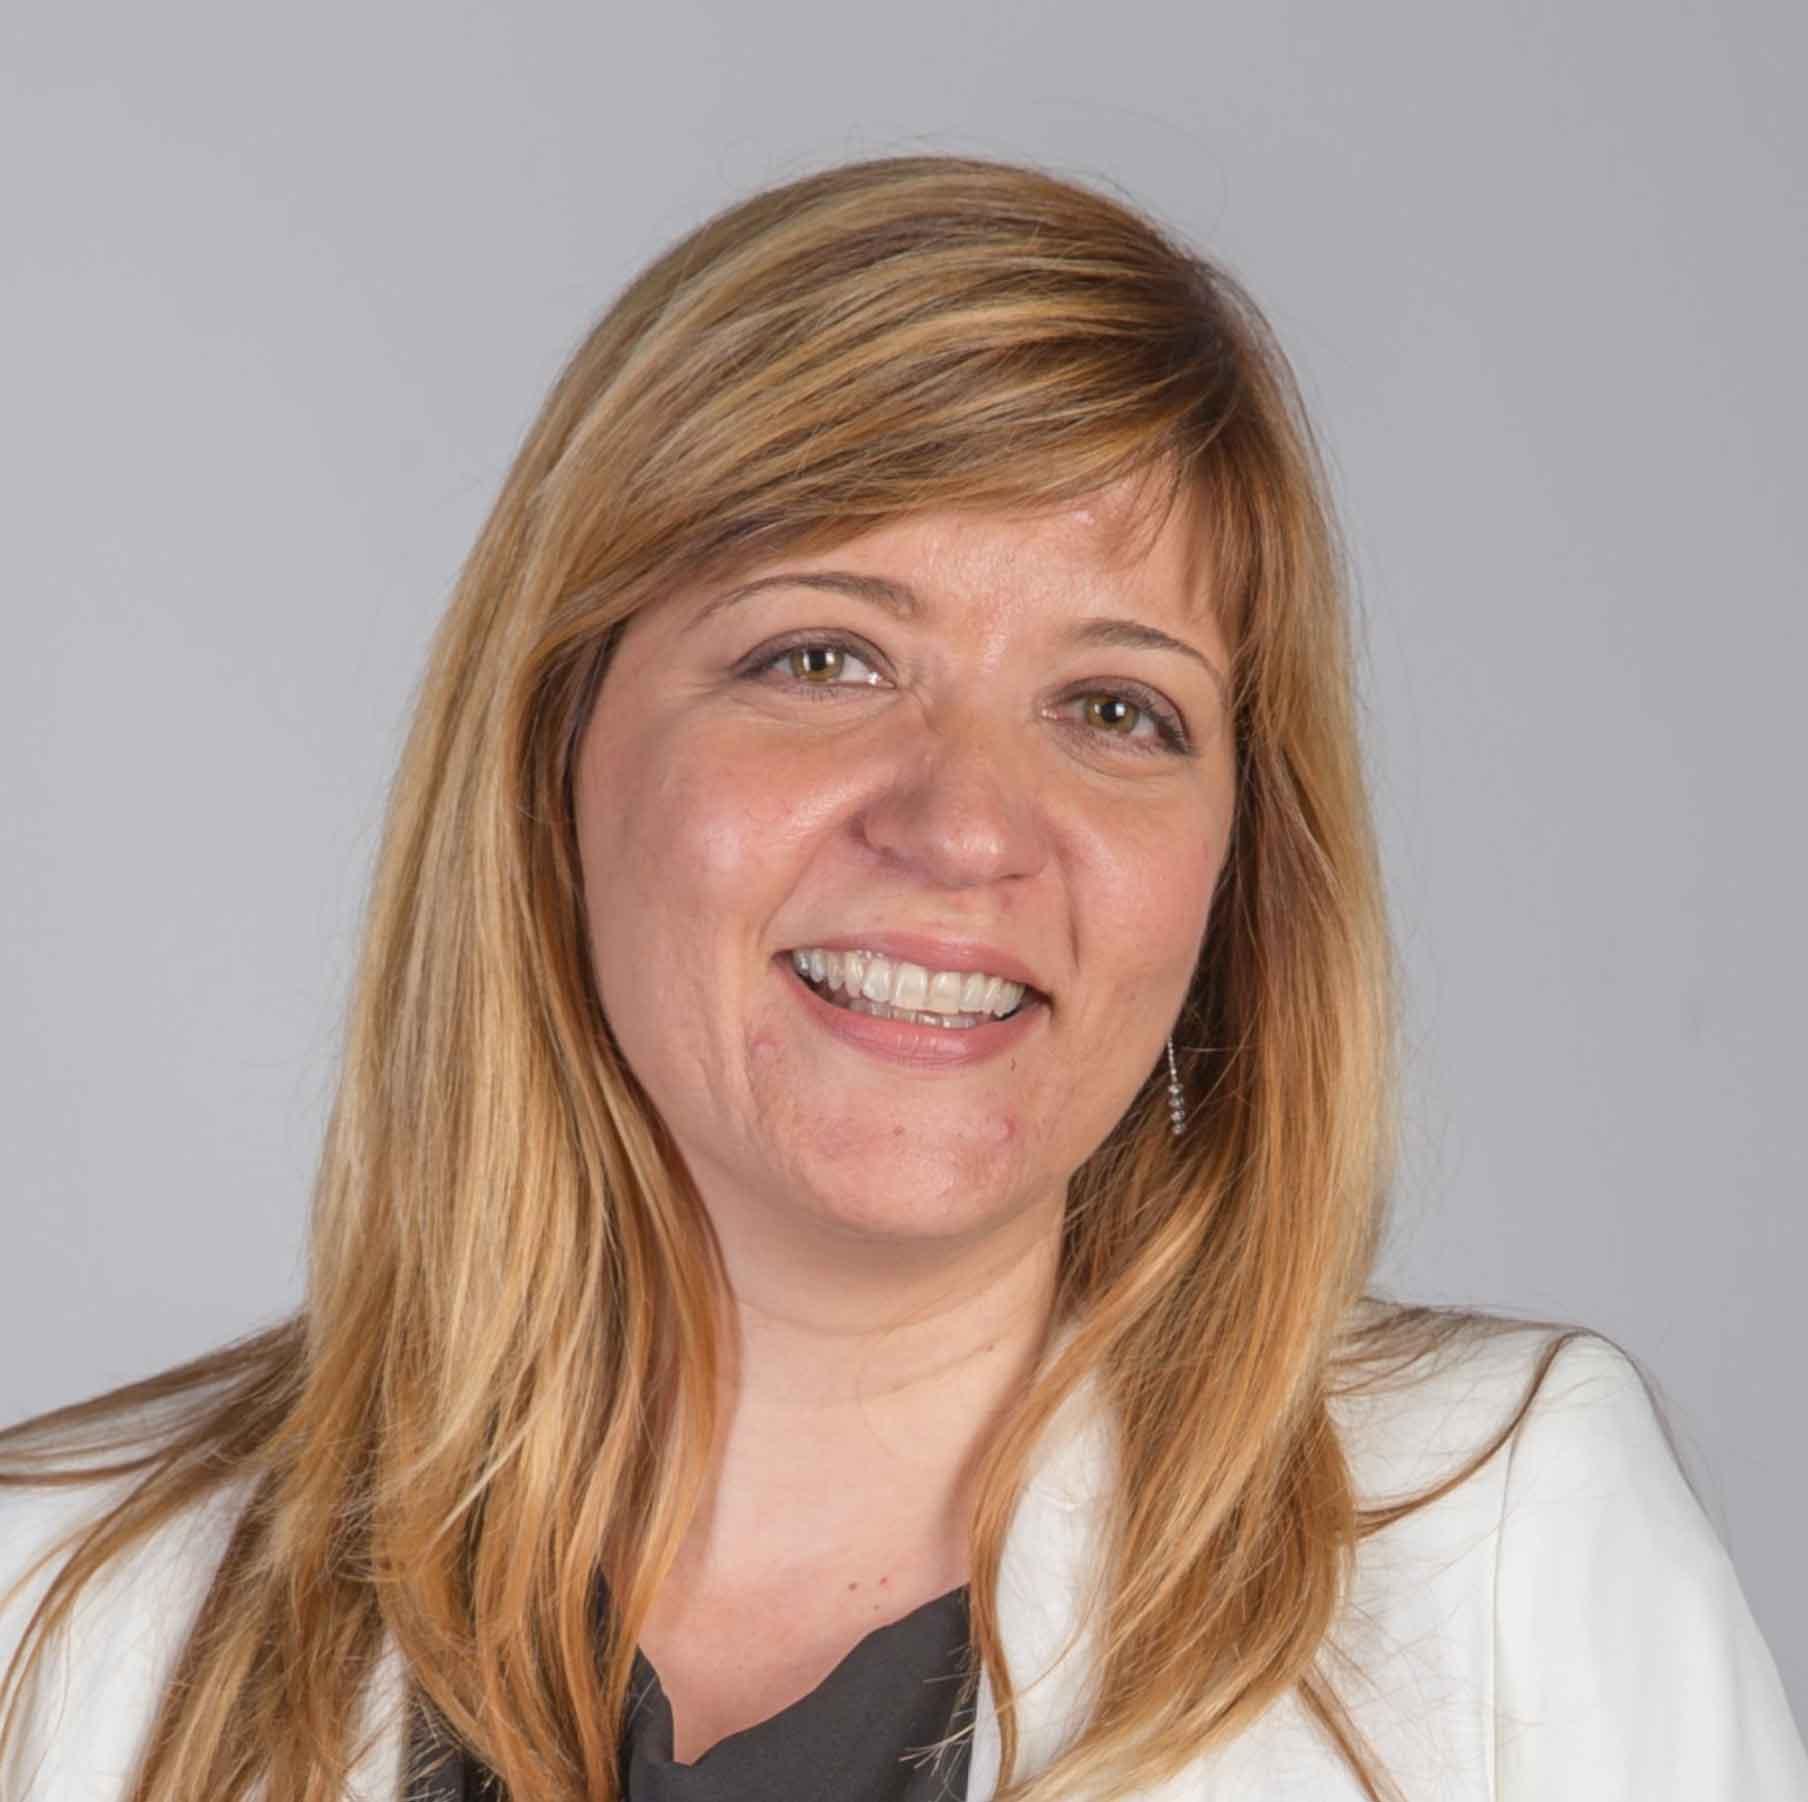 Antonella Chirichiello